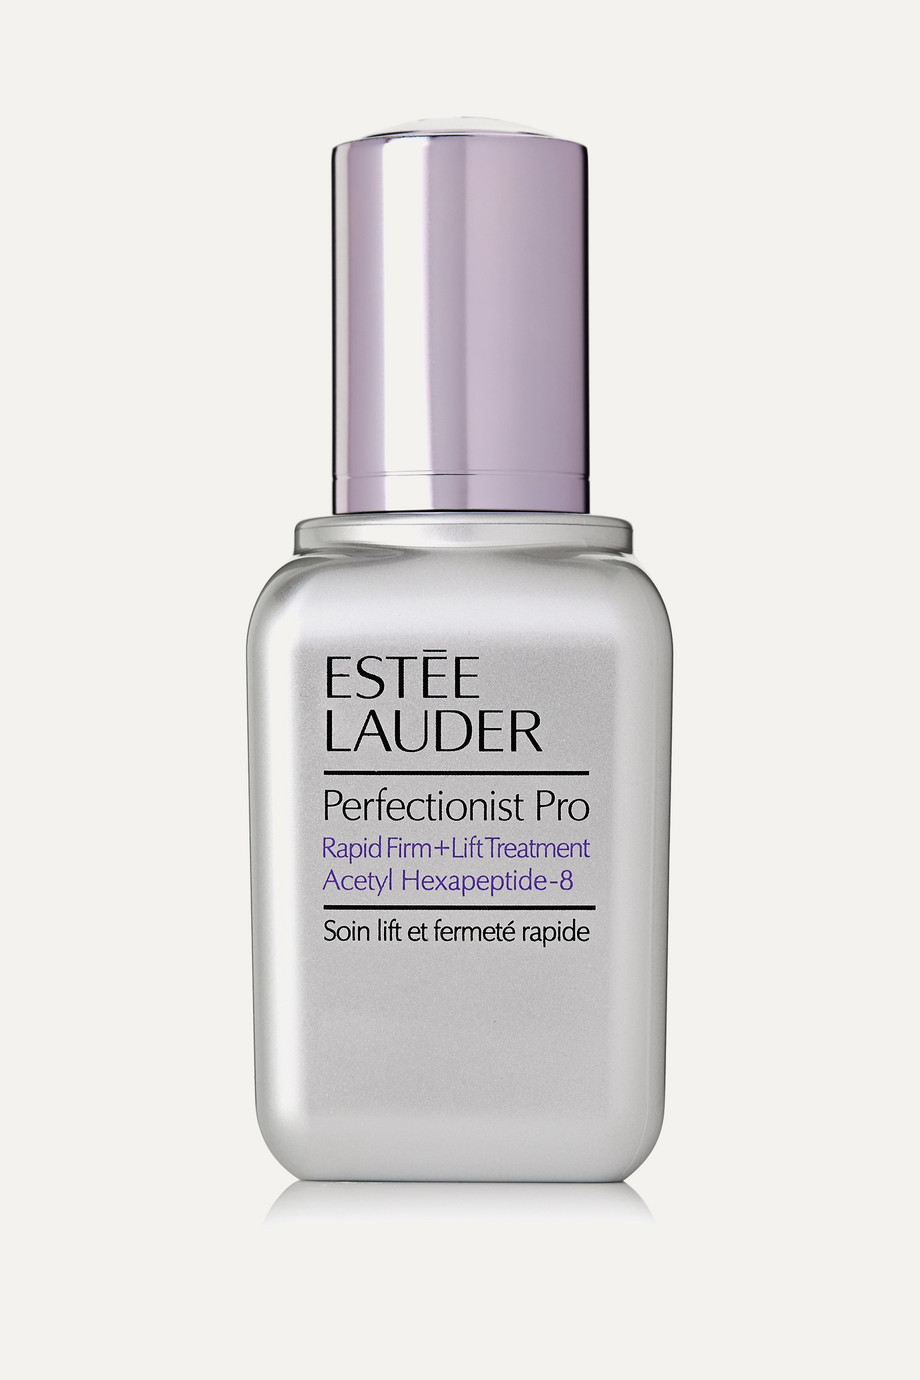 Estée Lauder Perfectionist Pro Rapid Firm + Lift Treatment, 30ml